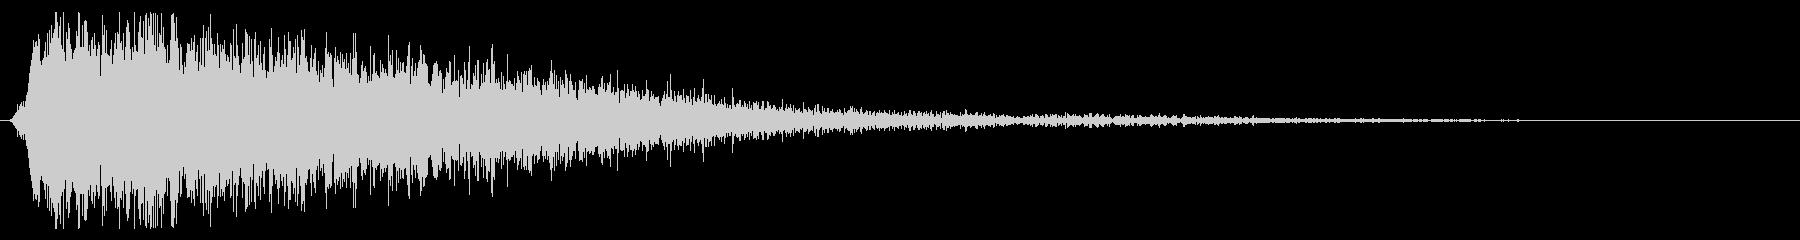 処理された金属エアバーストの未再生の波形